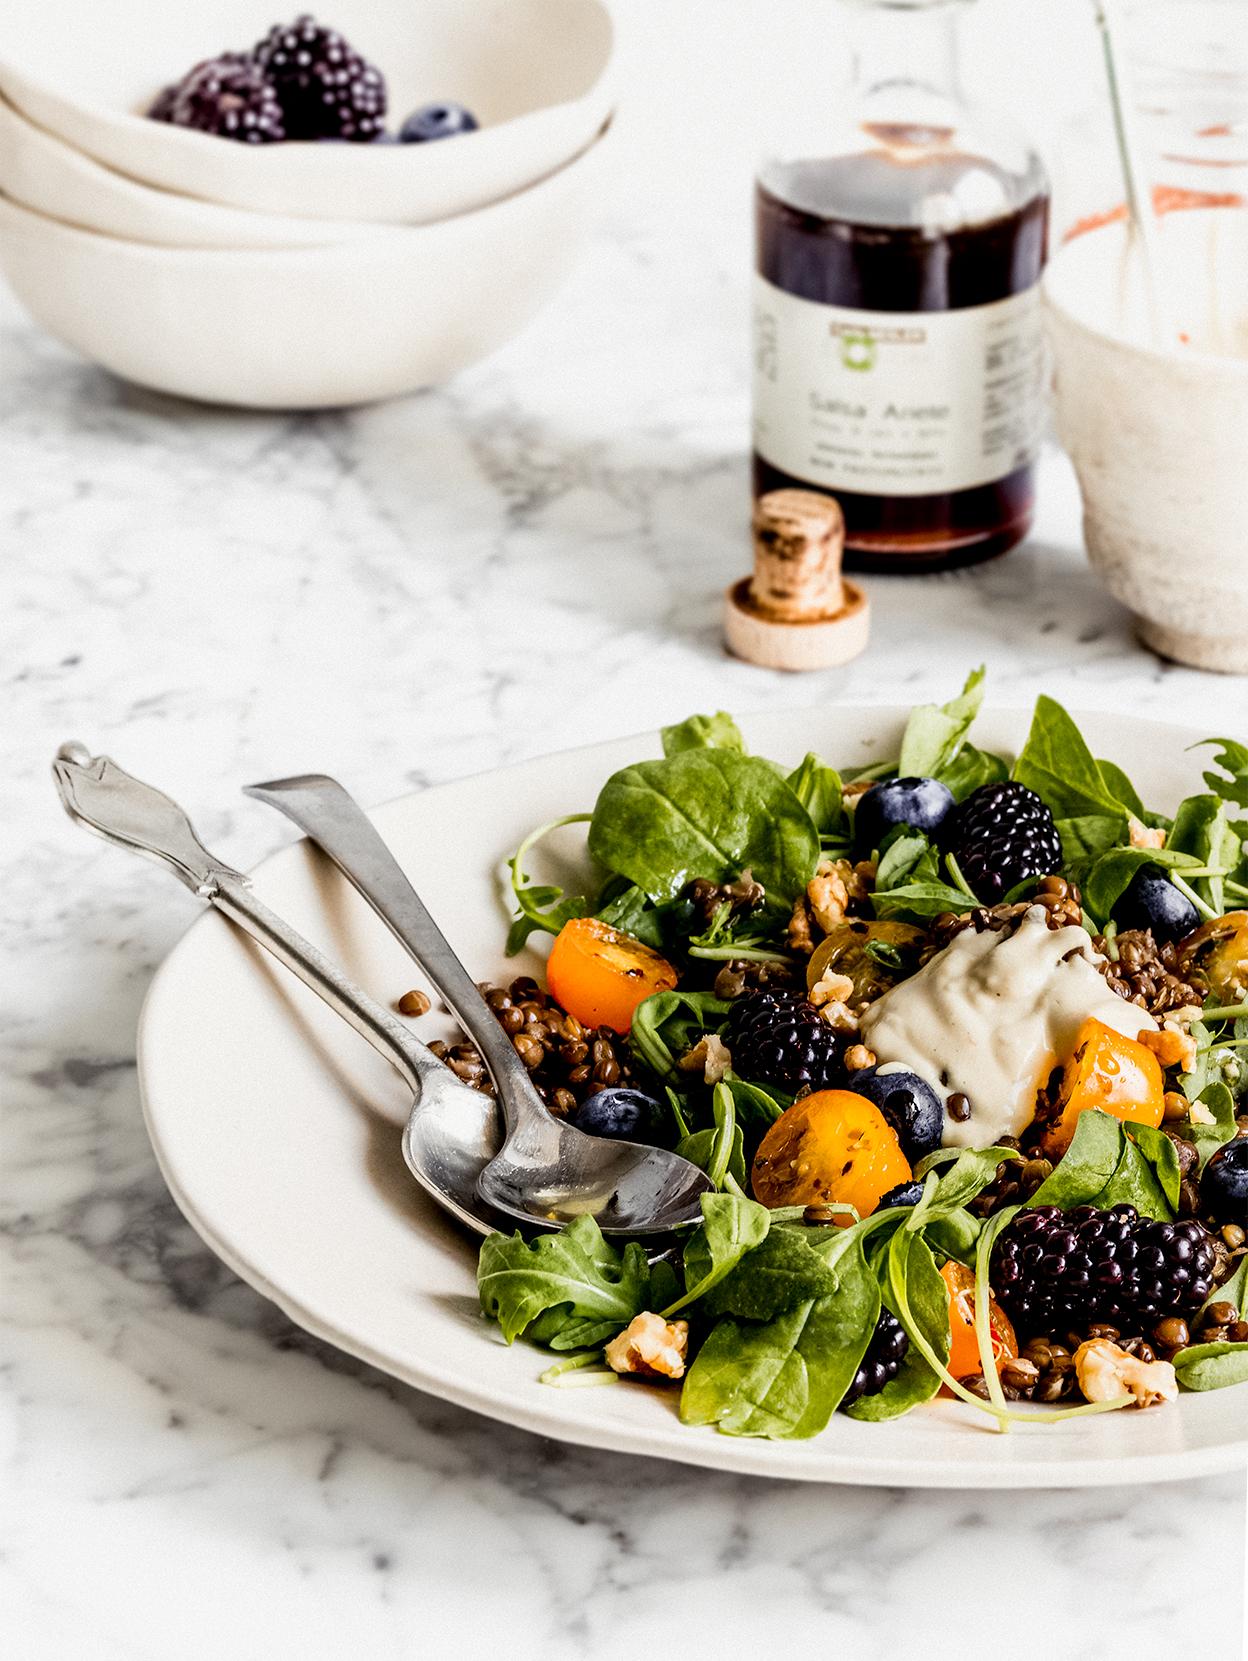 Insalata di lenticchie, spinacini, rucola e more